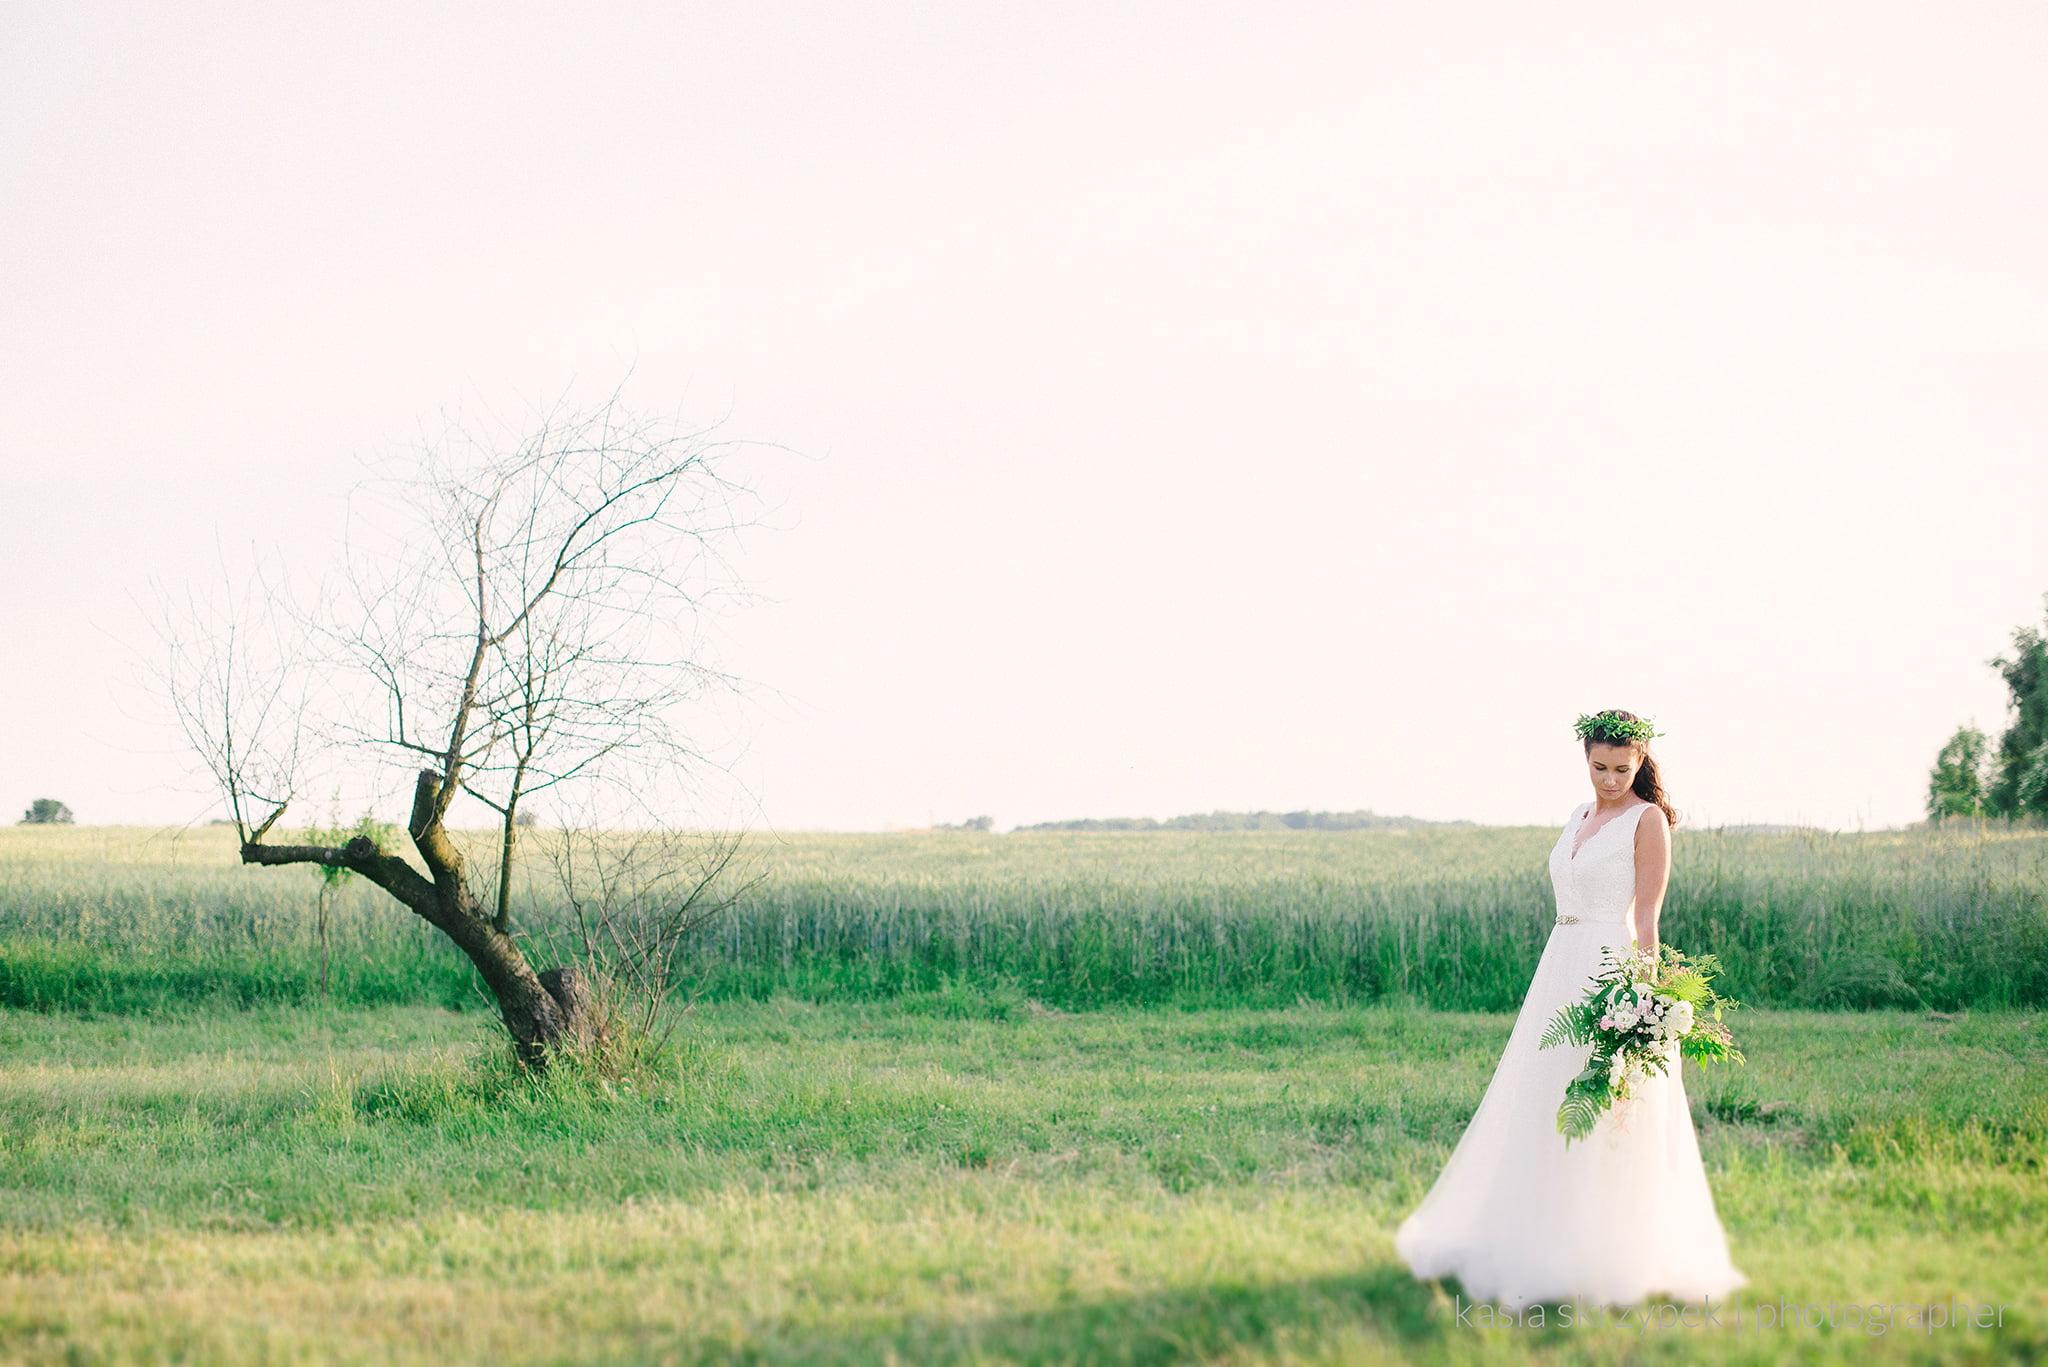 Blog-Botanical-Wedding-Styled-Shoot-02